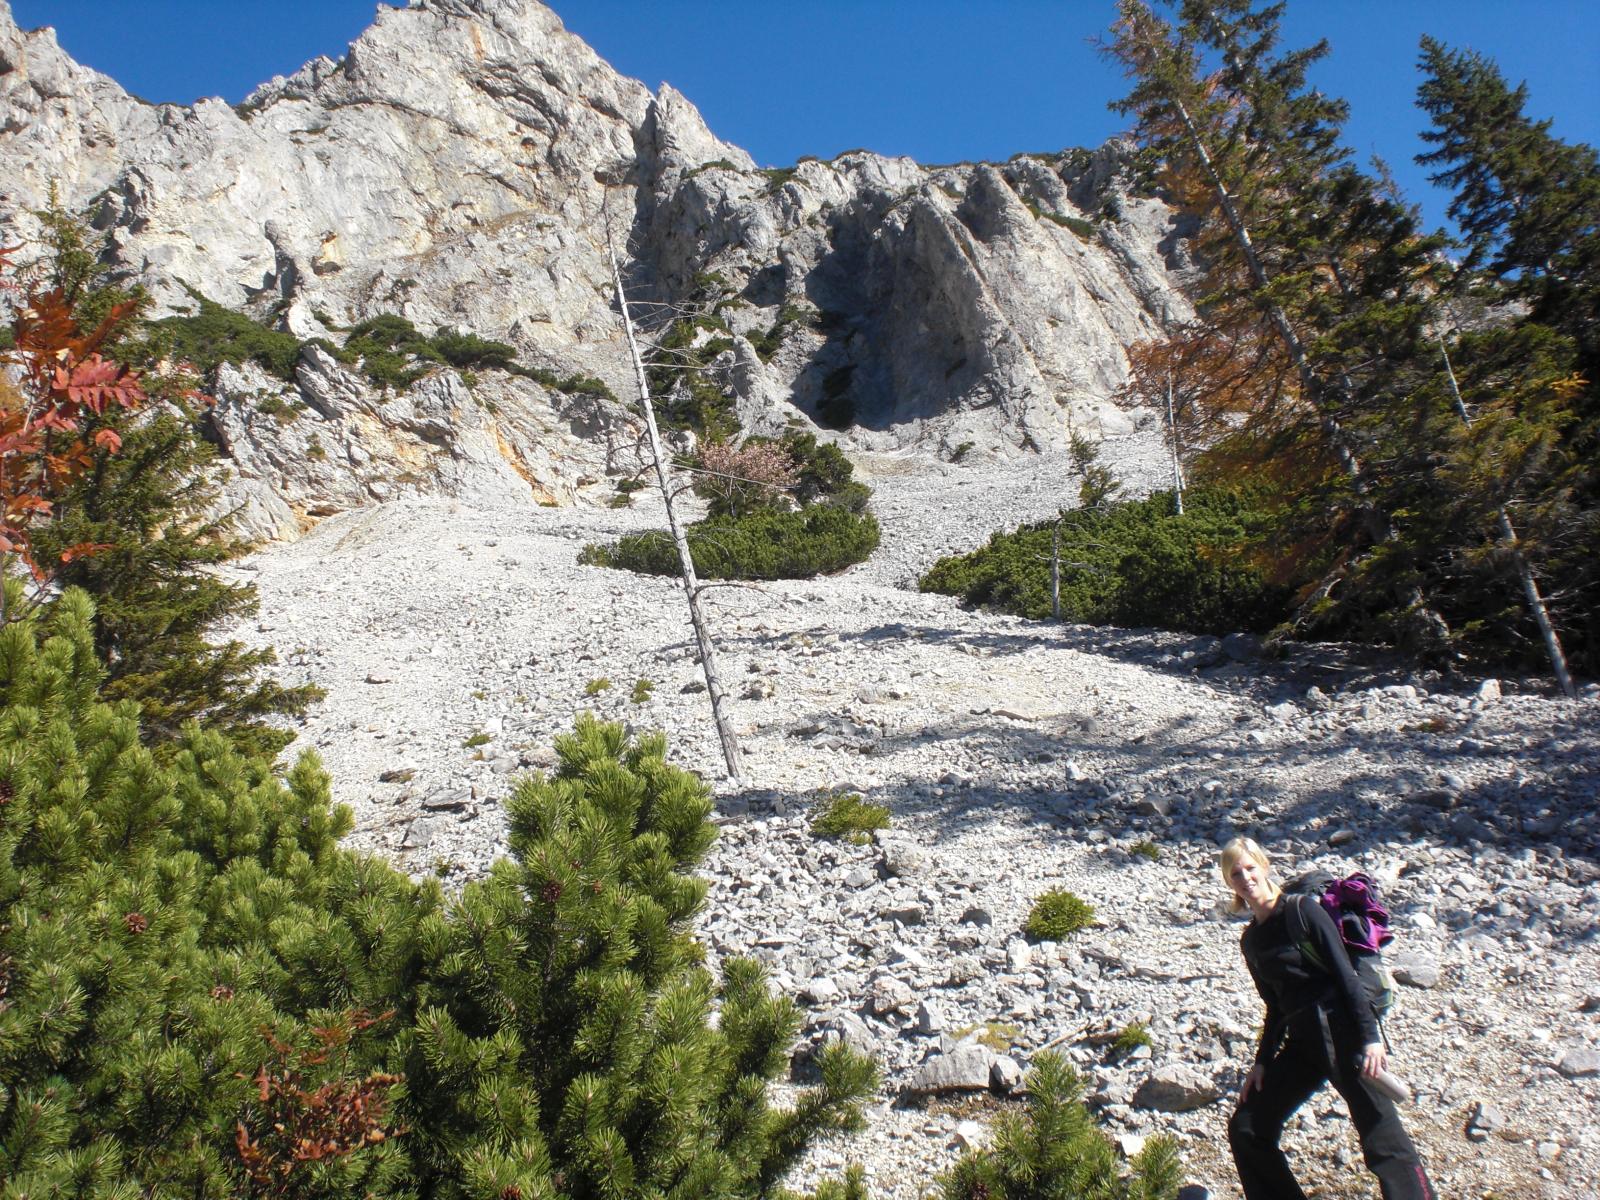 Klettersteig Rax : My summit diary aufstieg zur rax